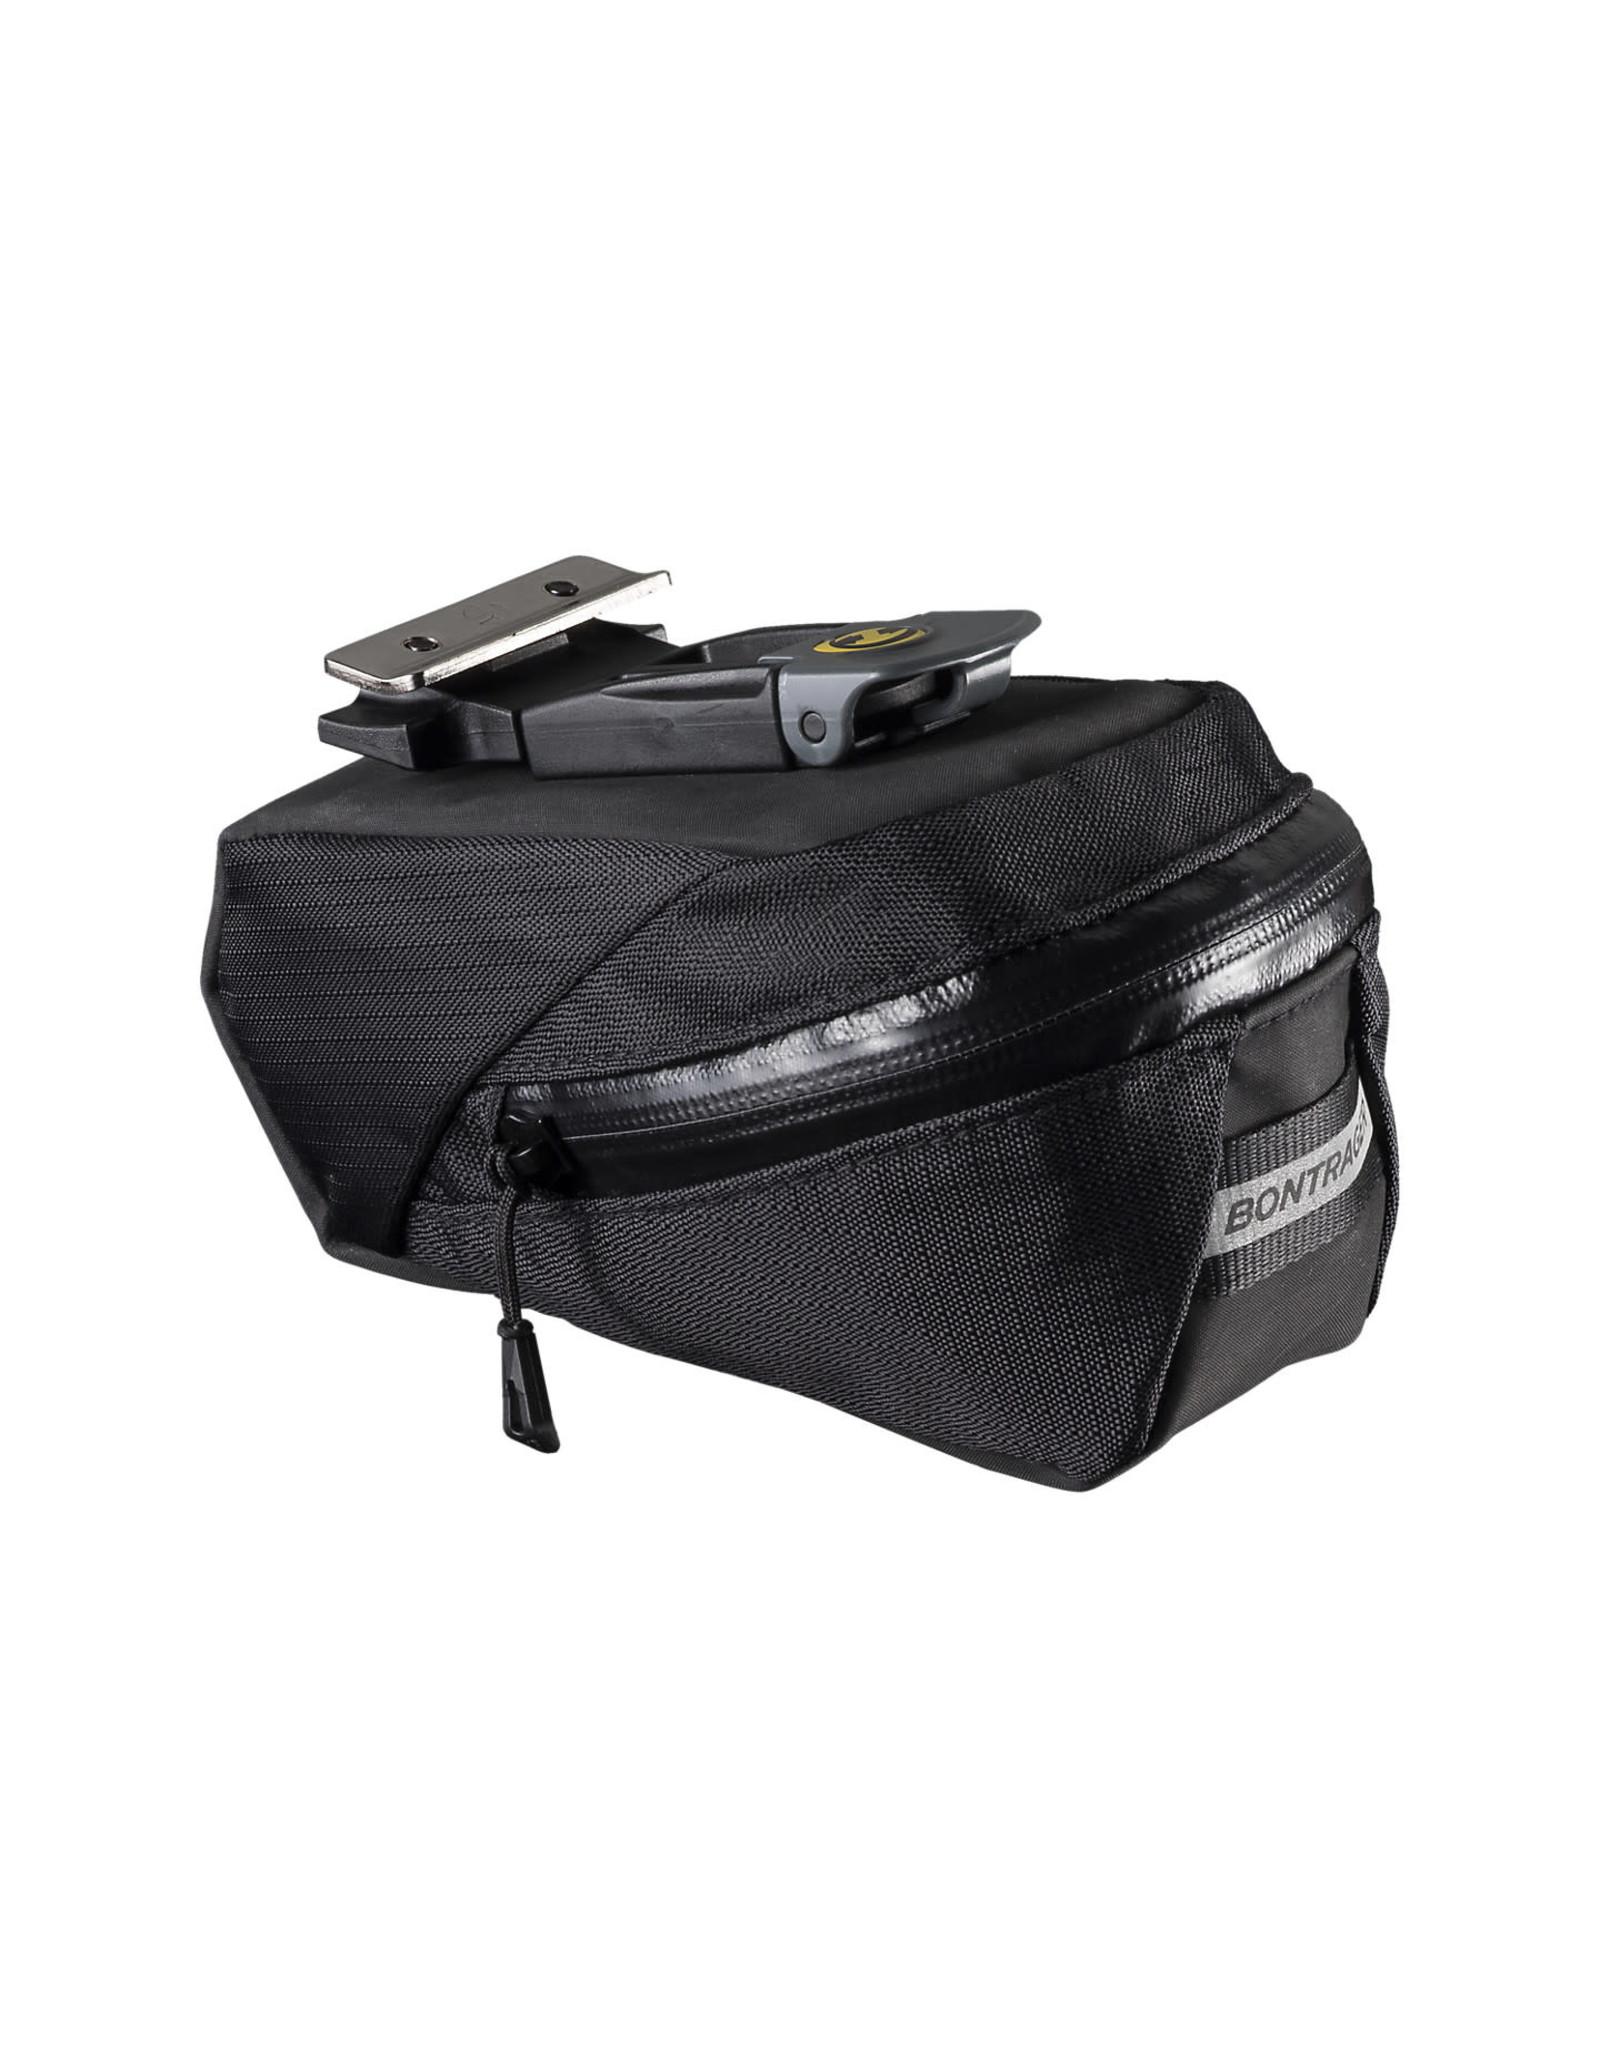 Bontrager BAG BONTRAGER PRO QUICK CLEAT SEAT PACK MEDIUM BLACK